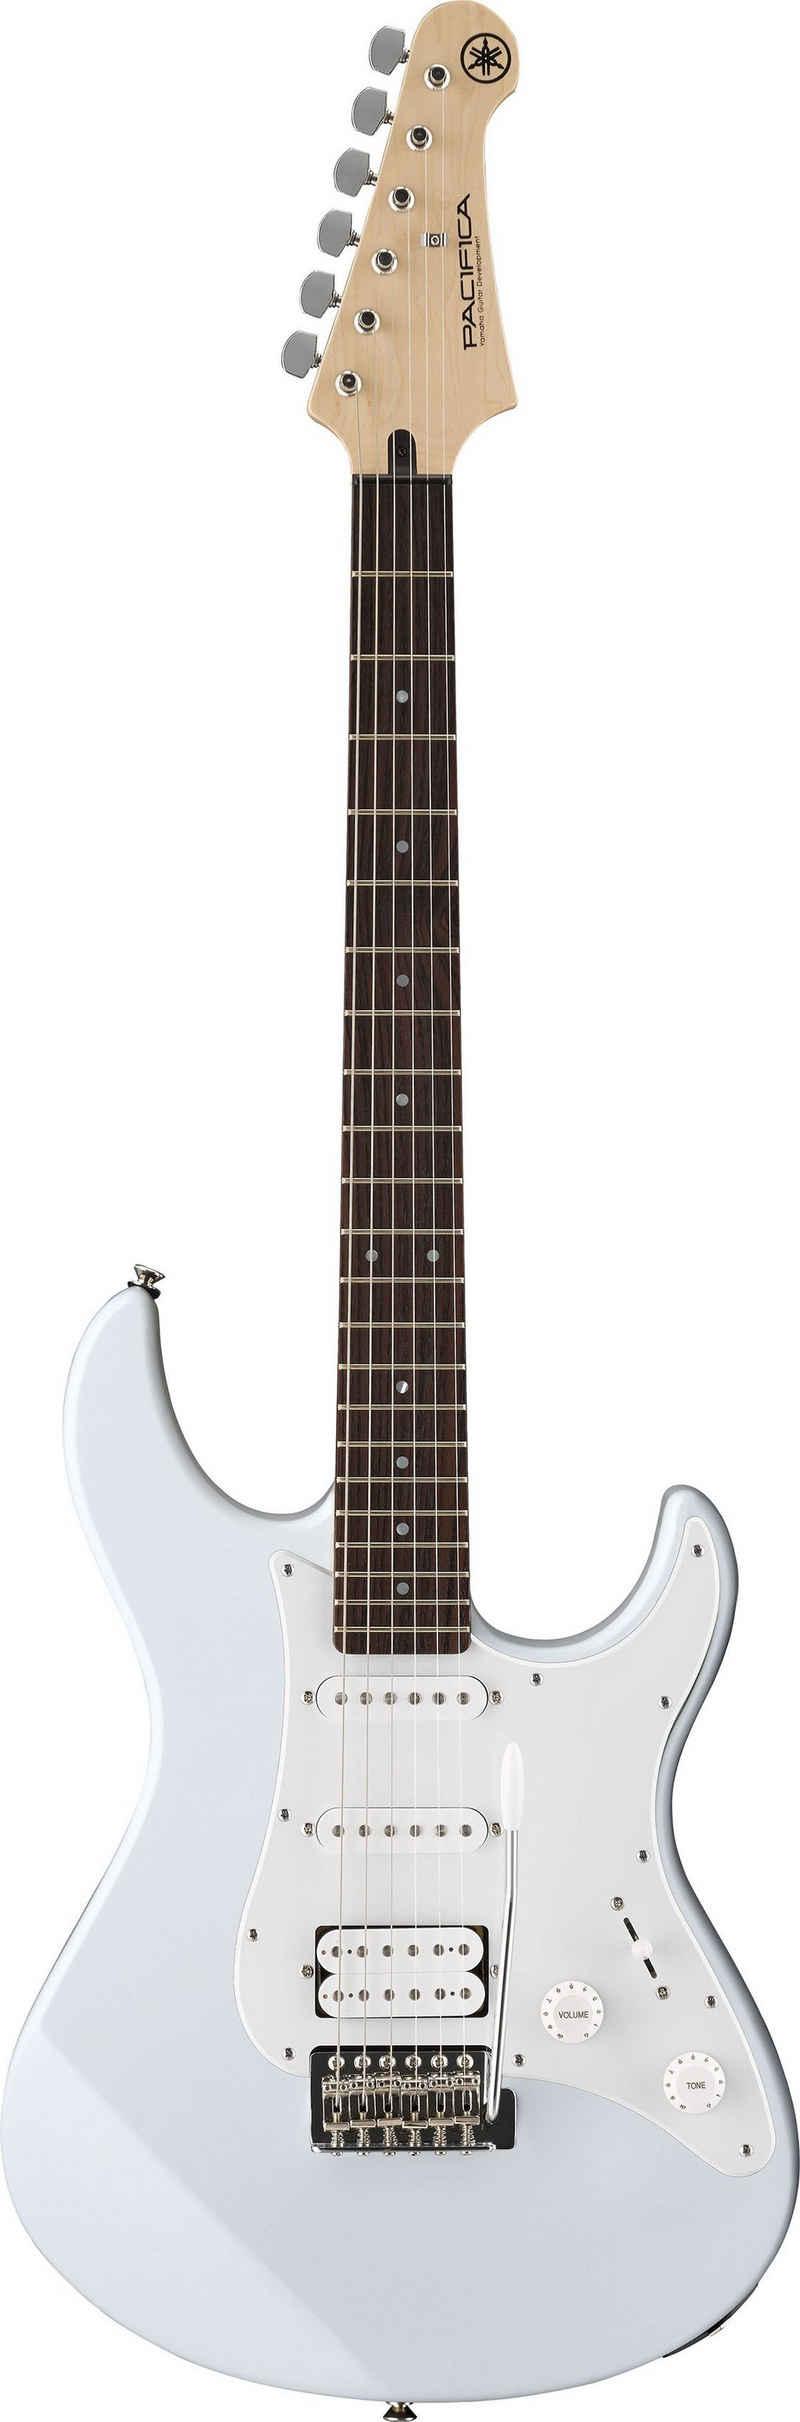 Yamaha E-Gitarre »PA012WHII, Vintage White«